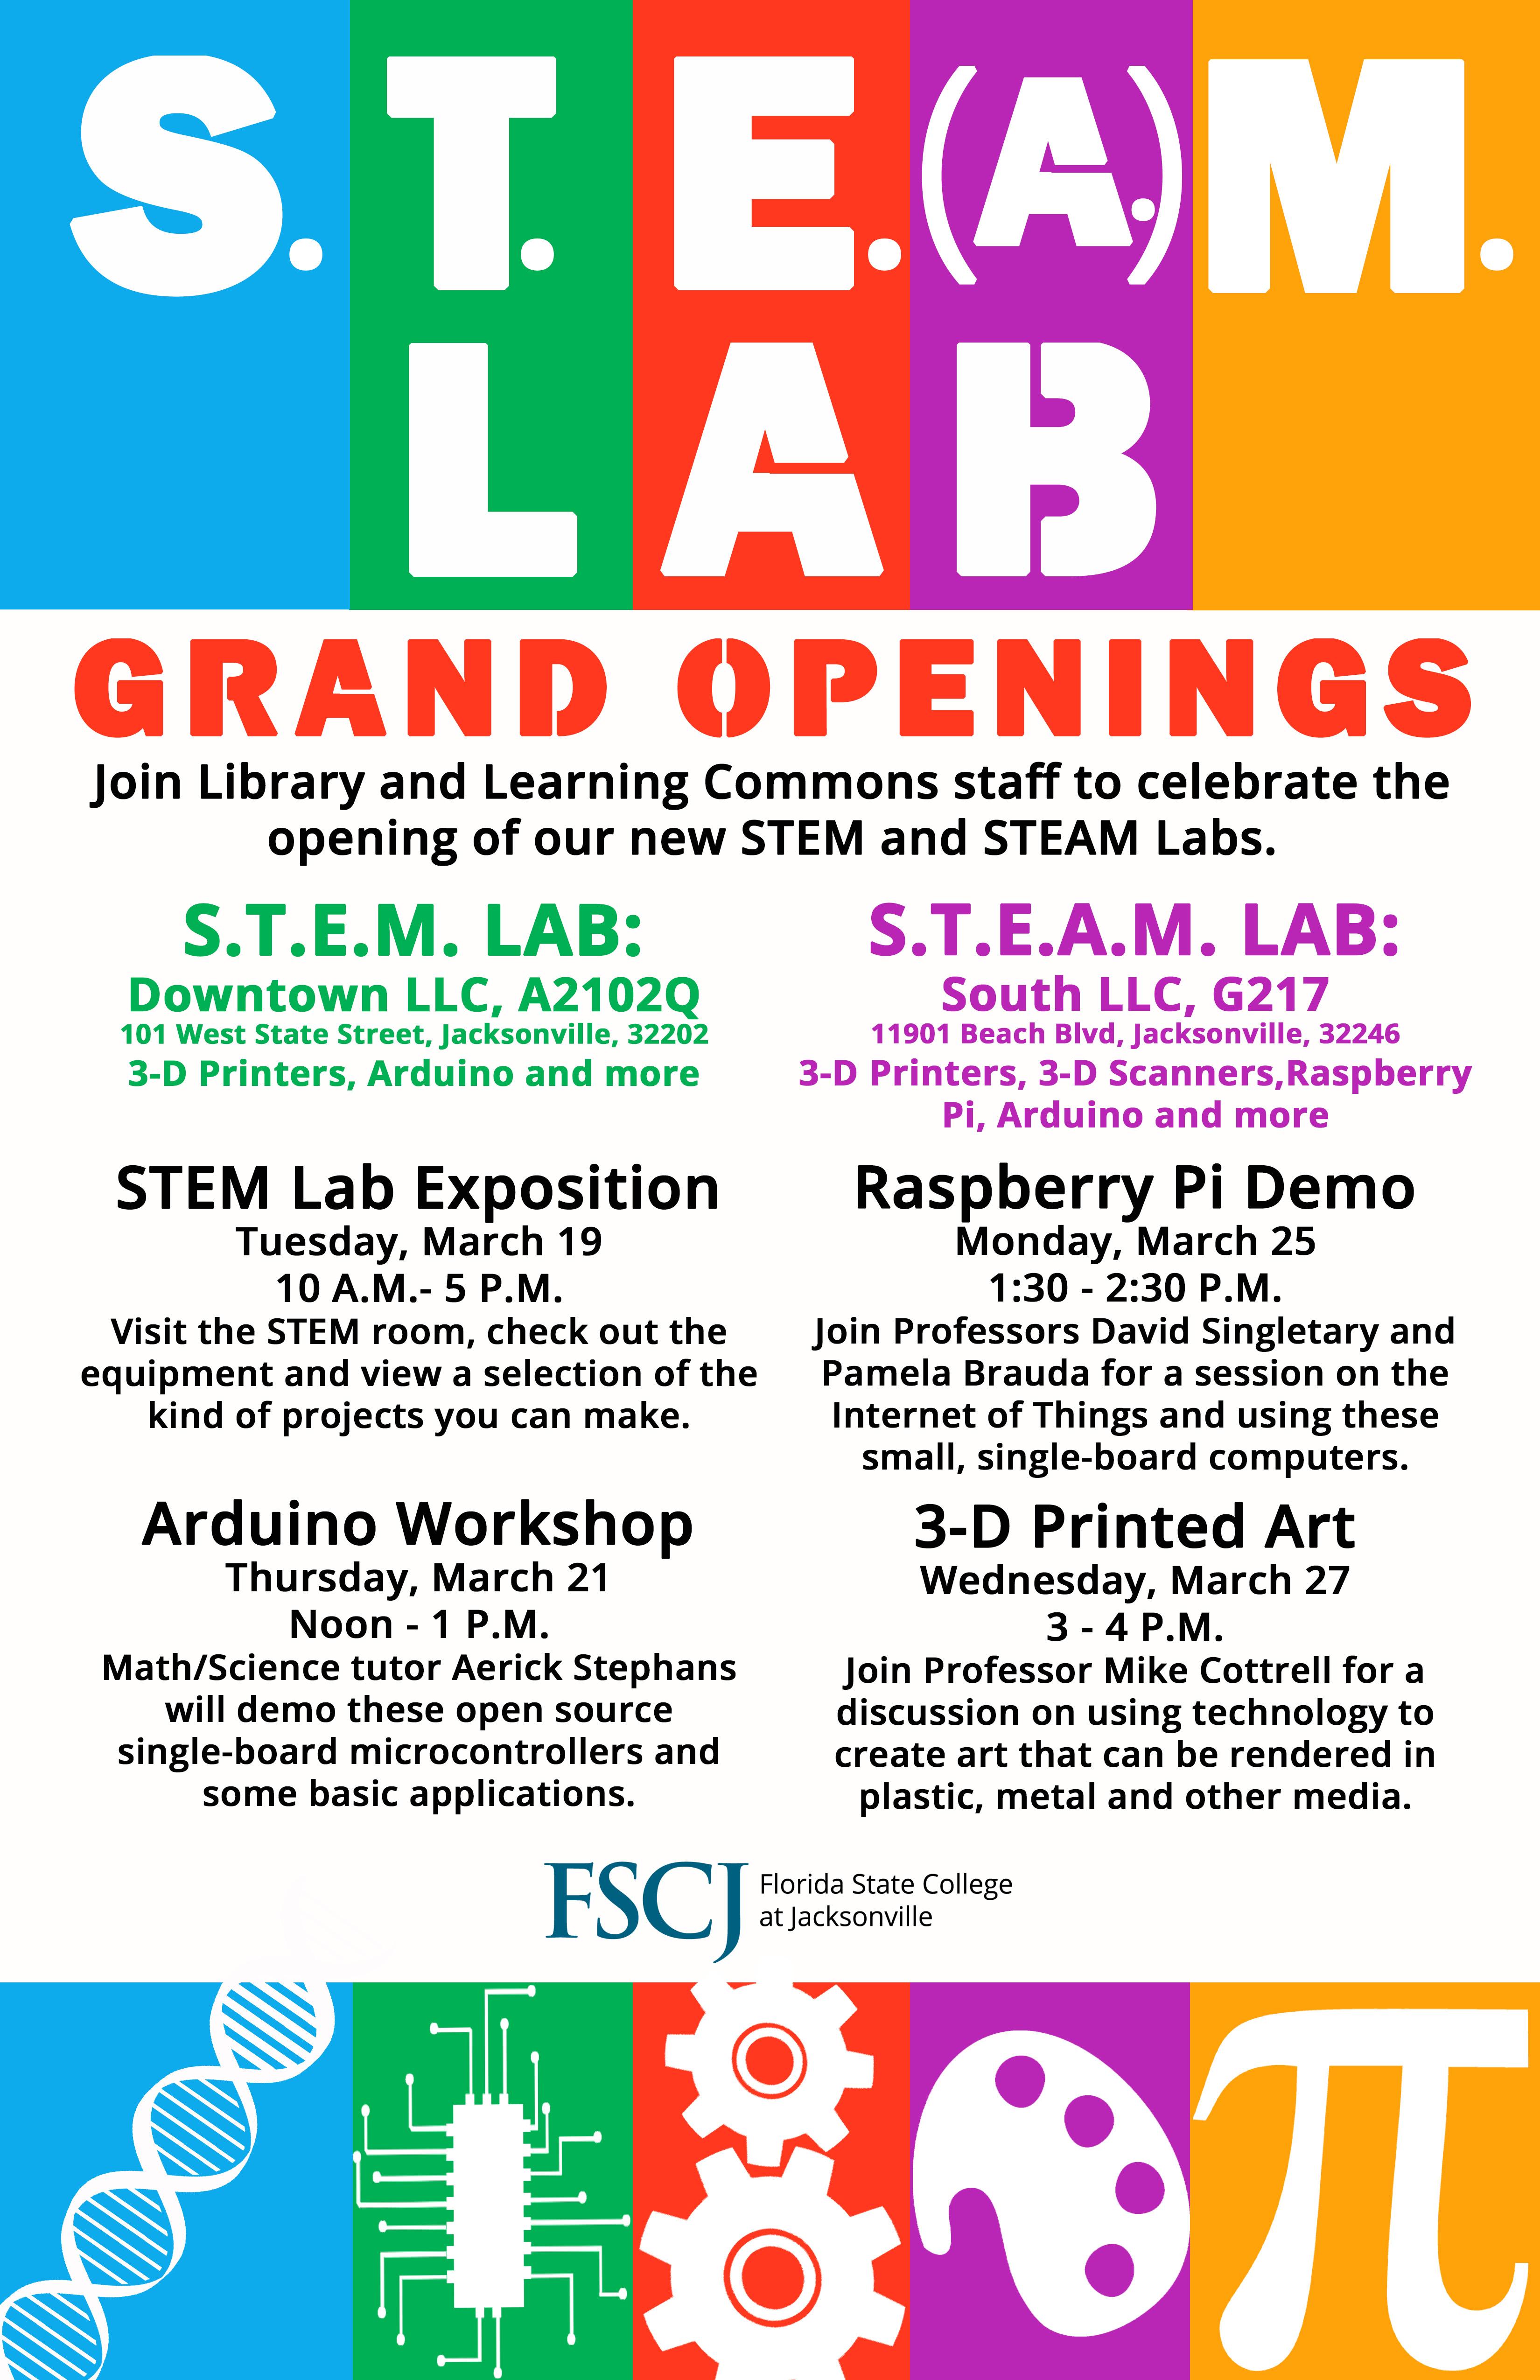 S.T.E.A.M. Lab: Raspeberry Pi Demo